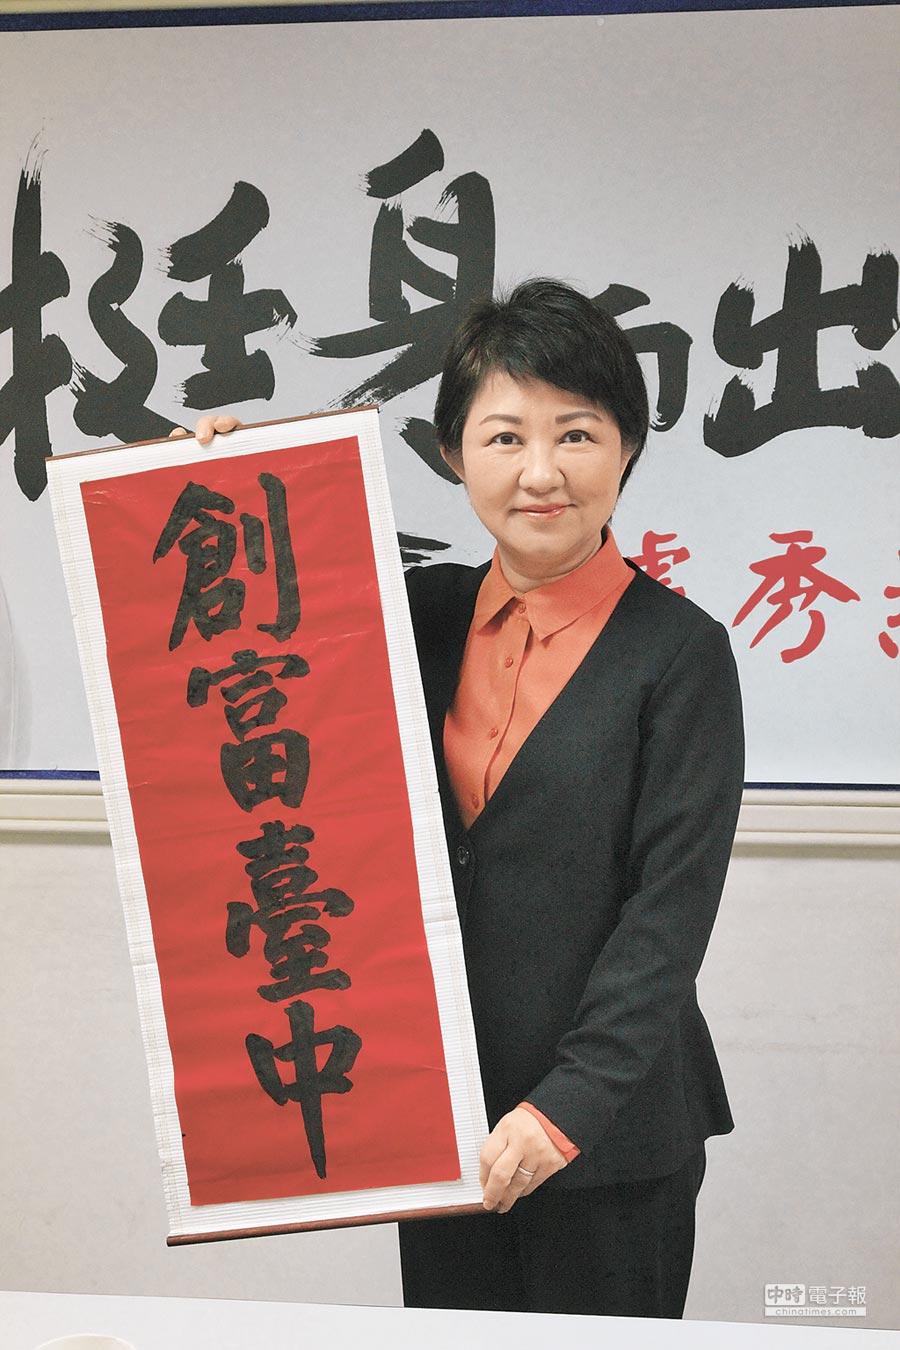 立委盧秀燕獲得國民黨正式提名參選台中市長,她指出,有信心打贏台中市長選戰。(本報資料照片)